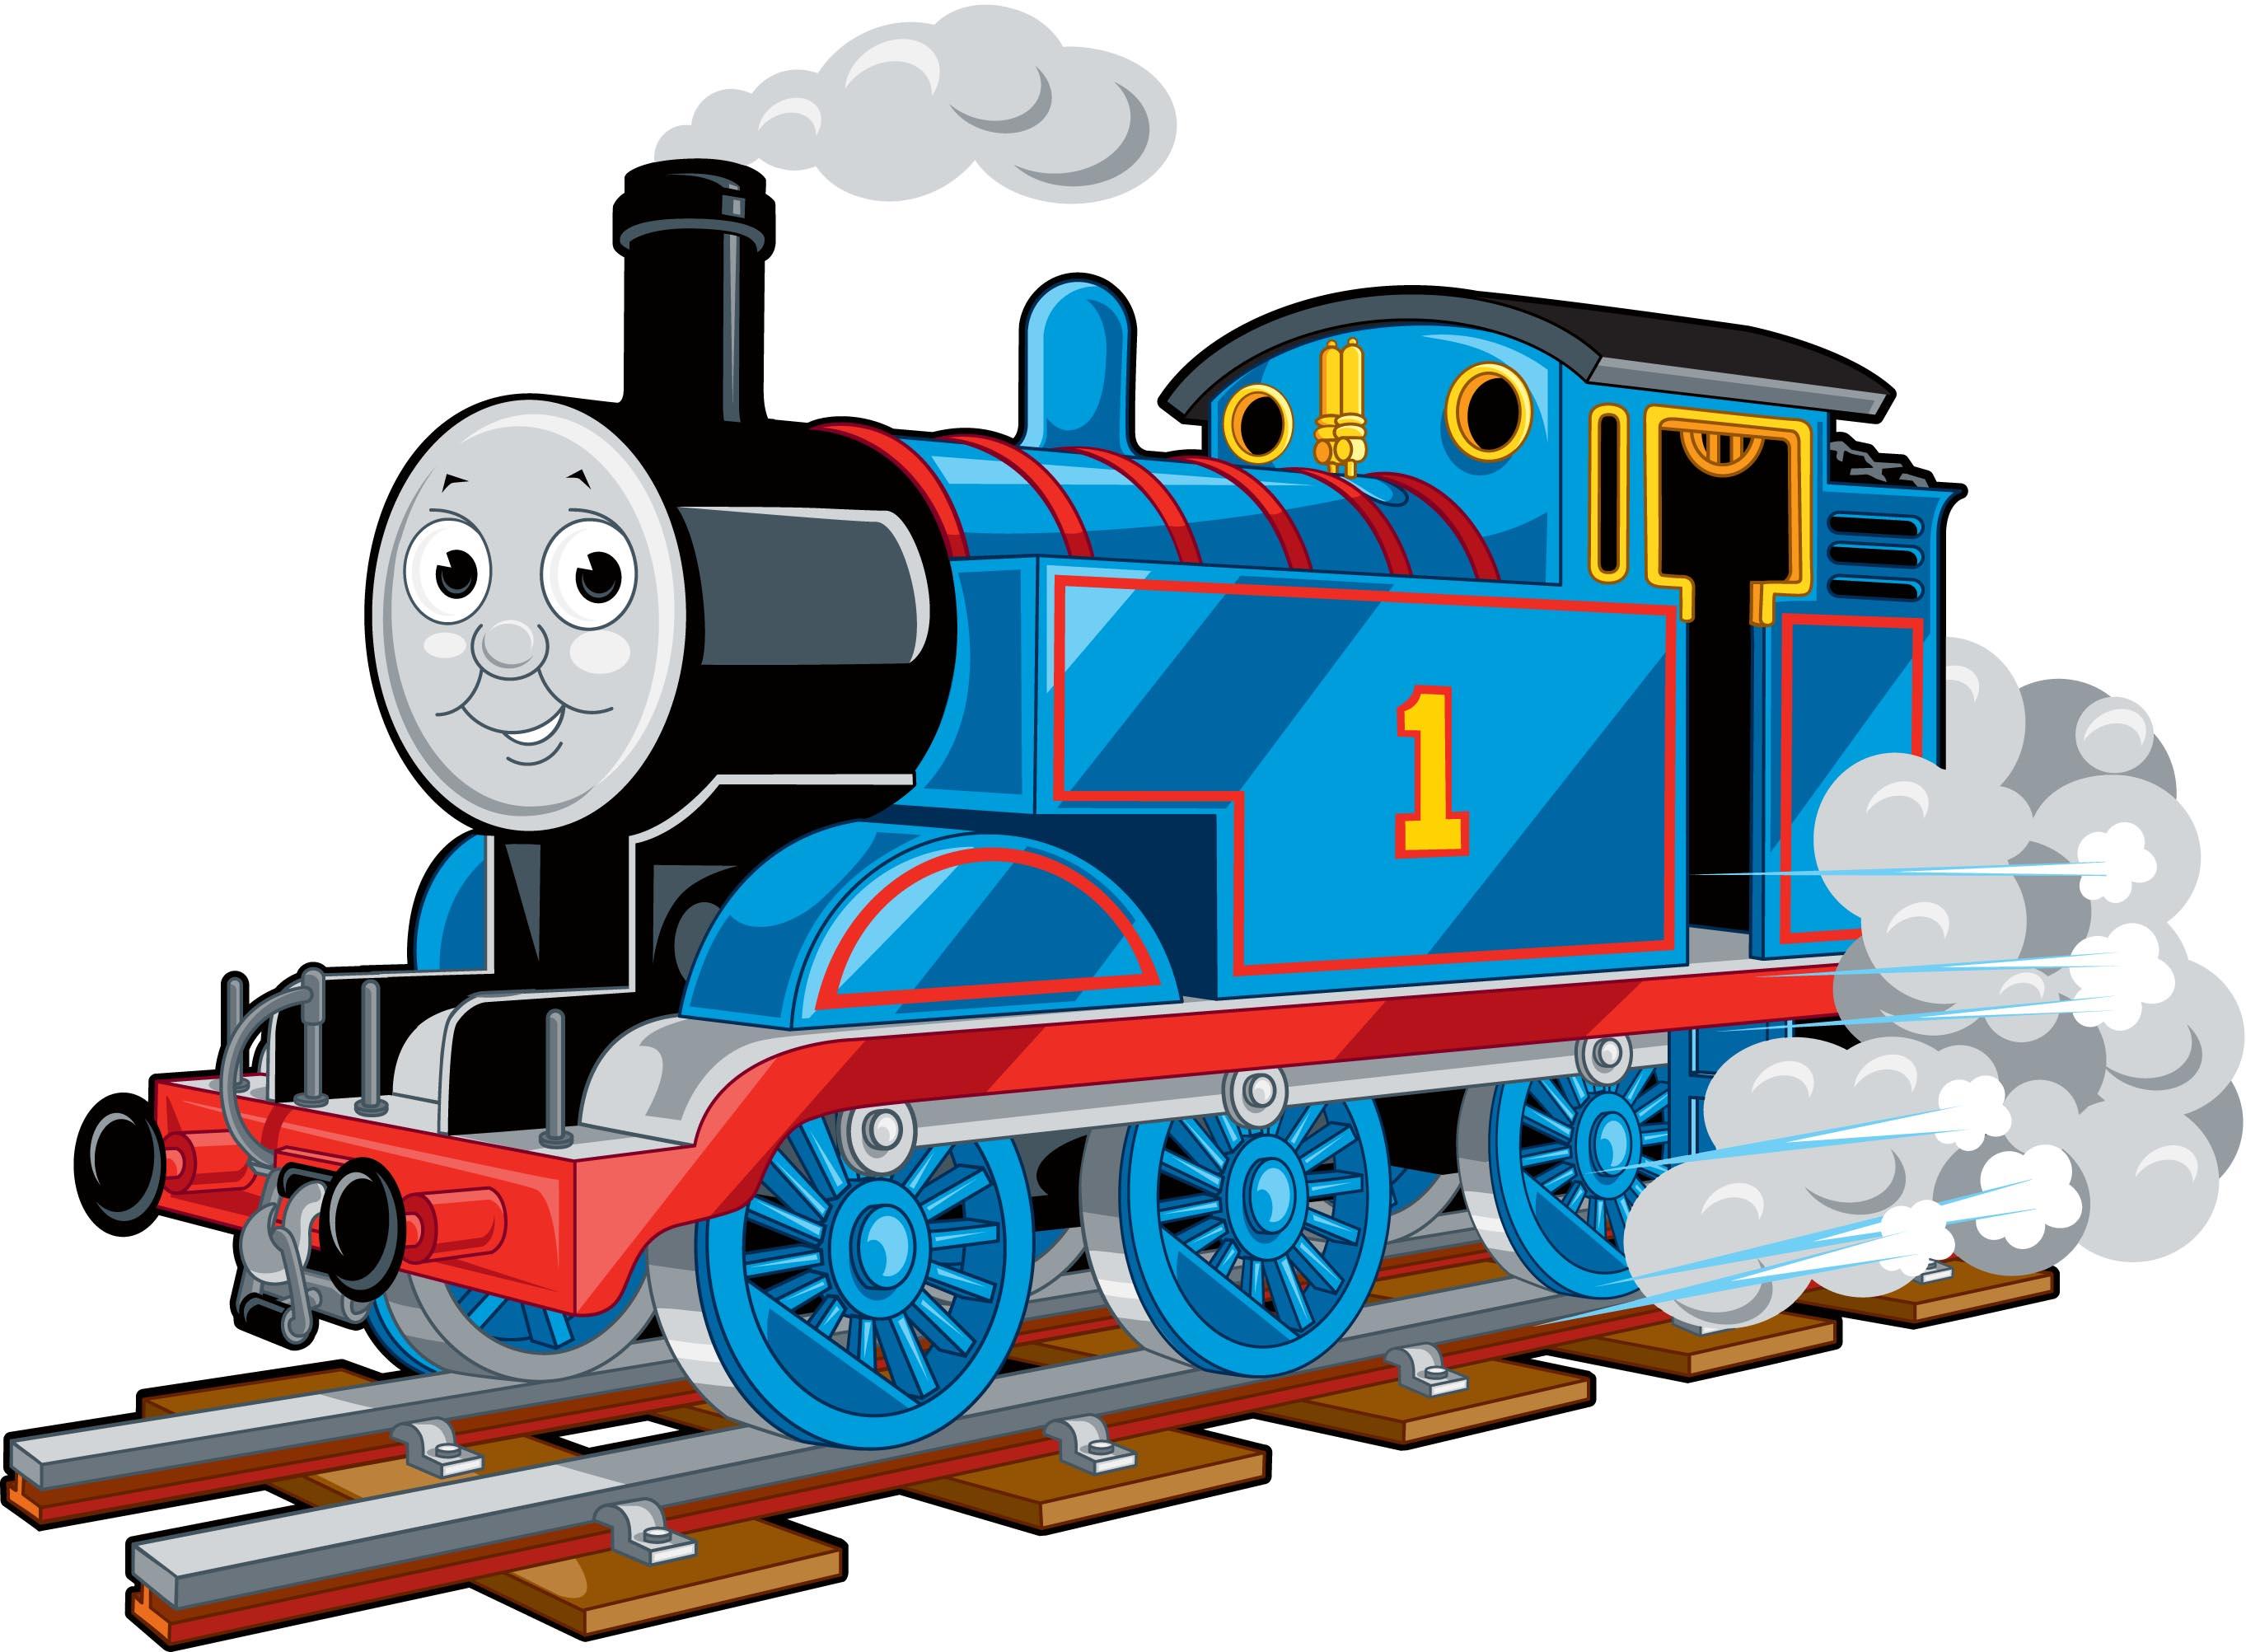 2726x2005 Thomas The Train Clip Art Many Interesting Cliparts